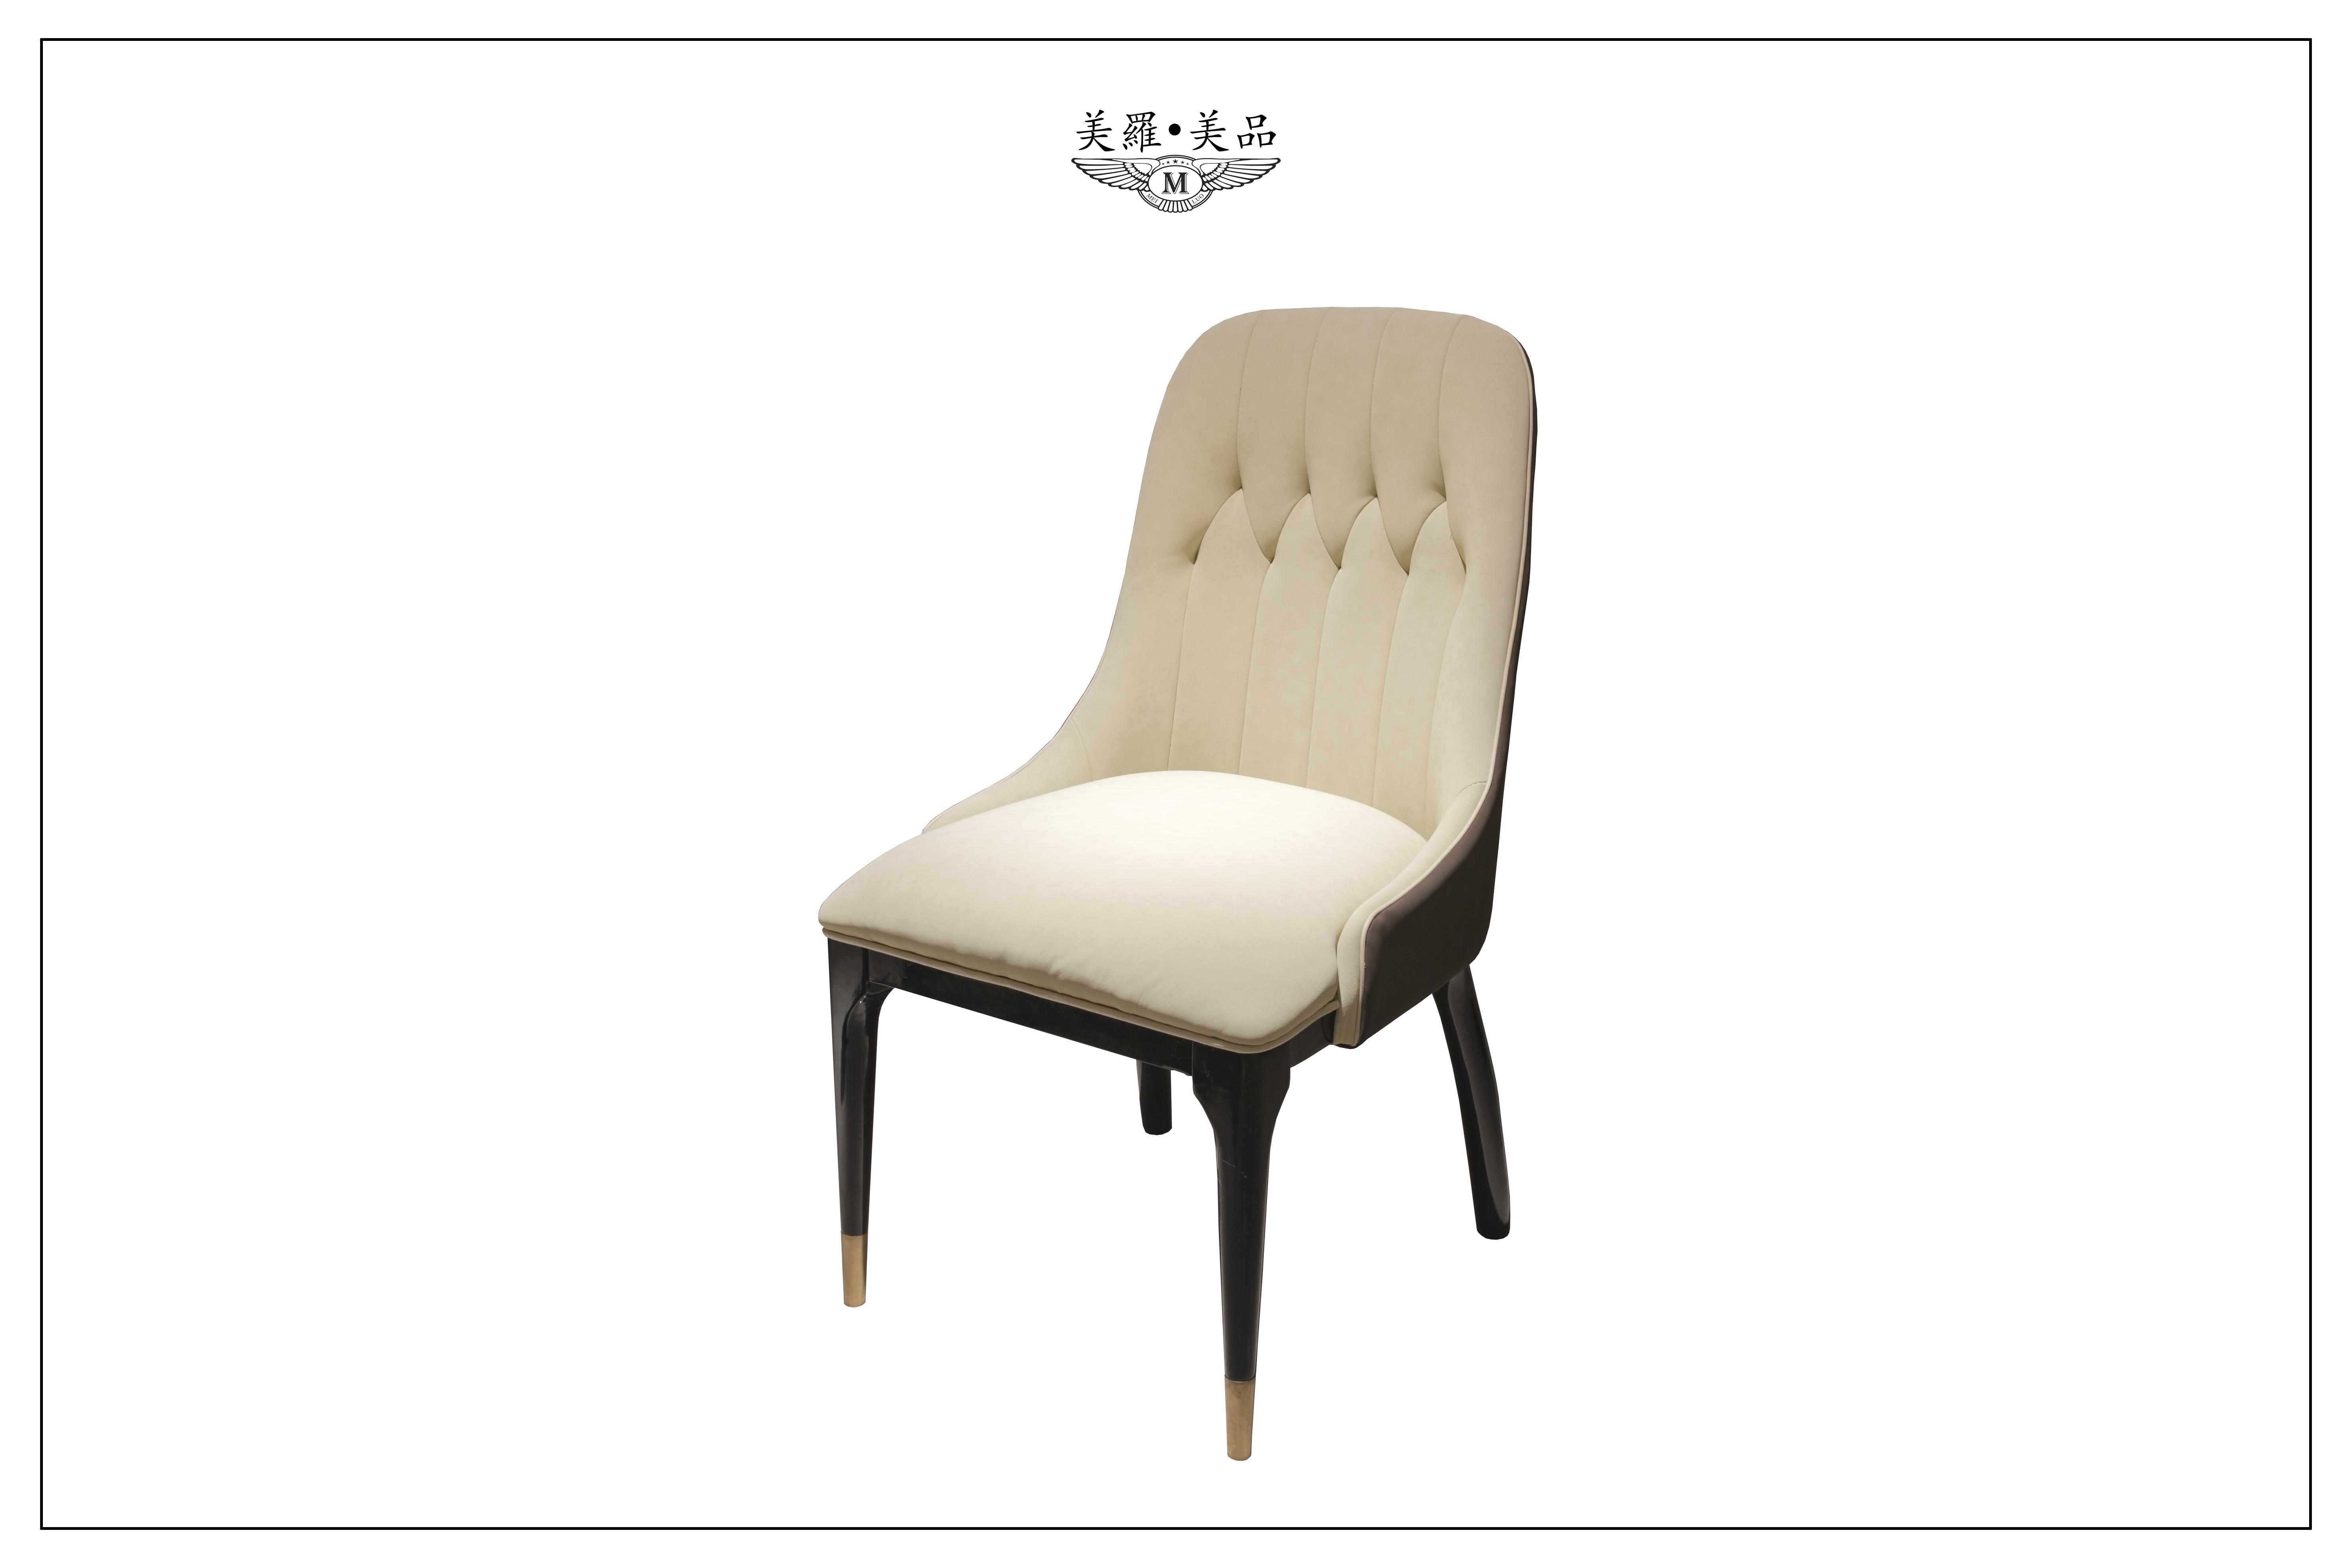 欧式餐椅实木复古皮艺椅_曼洛尼